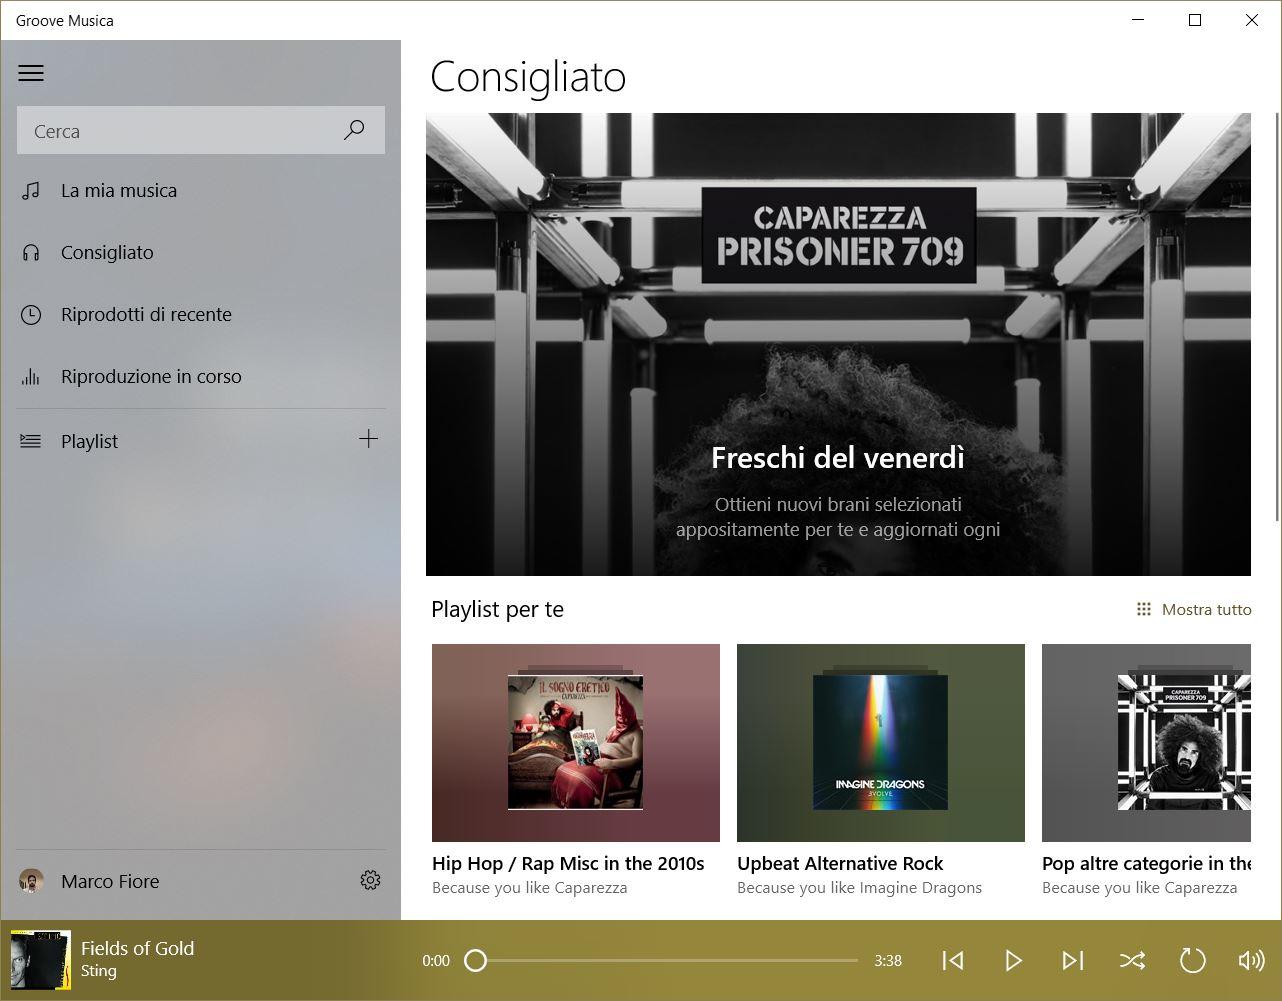 Trasferire playlist da Groove Musica a Spotify